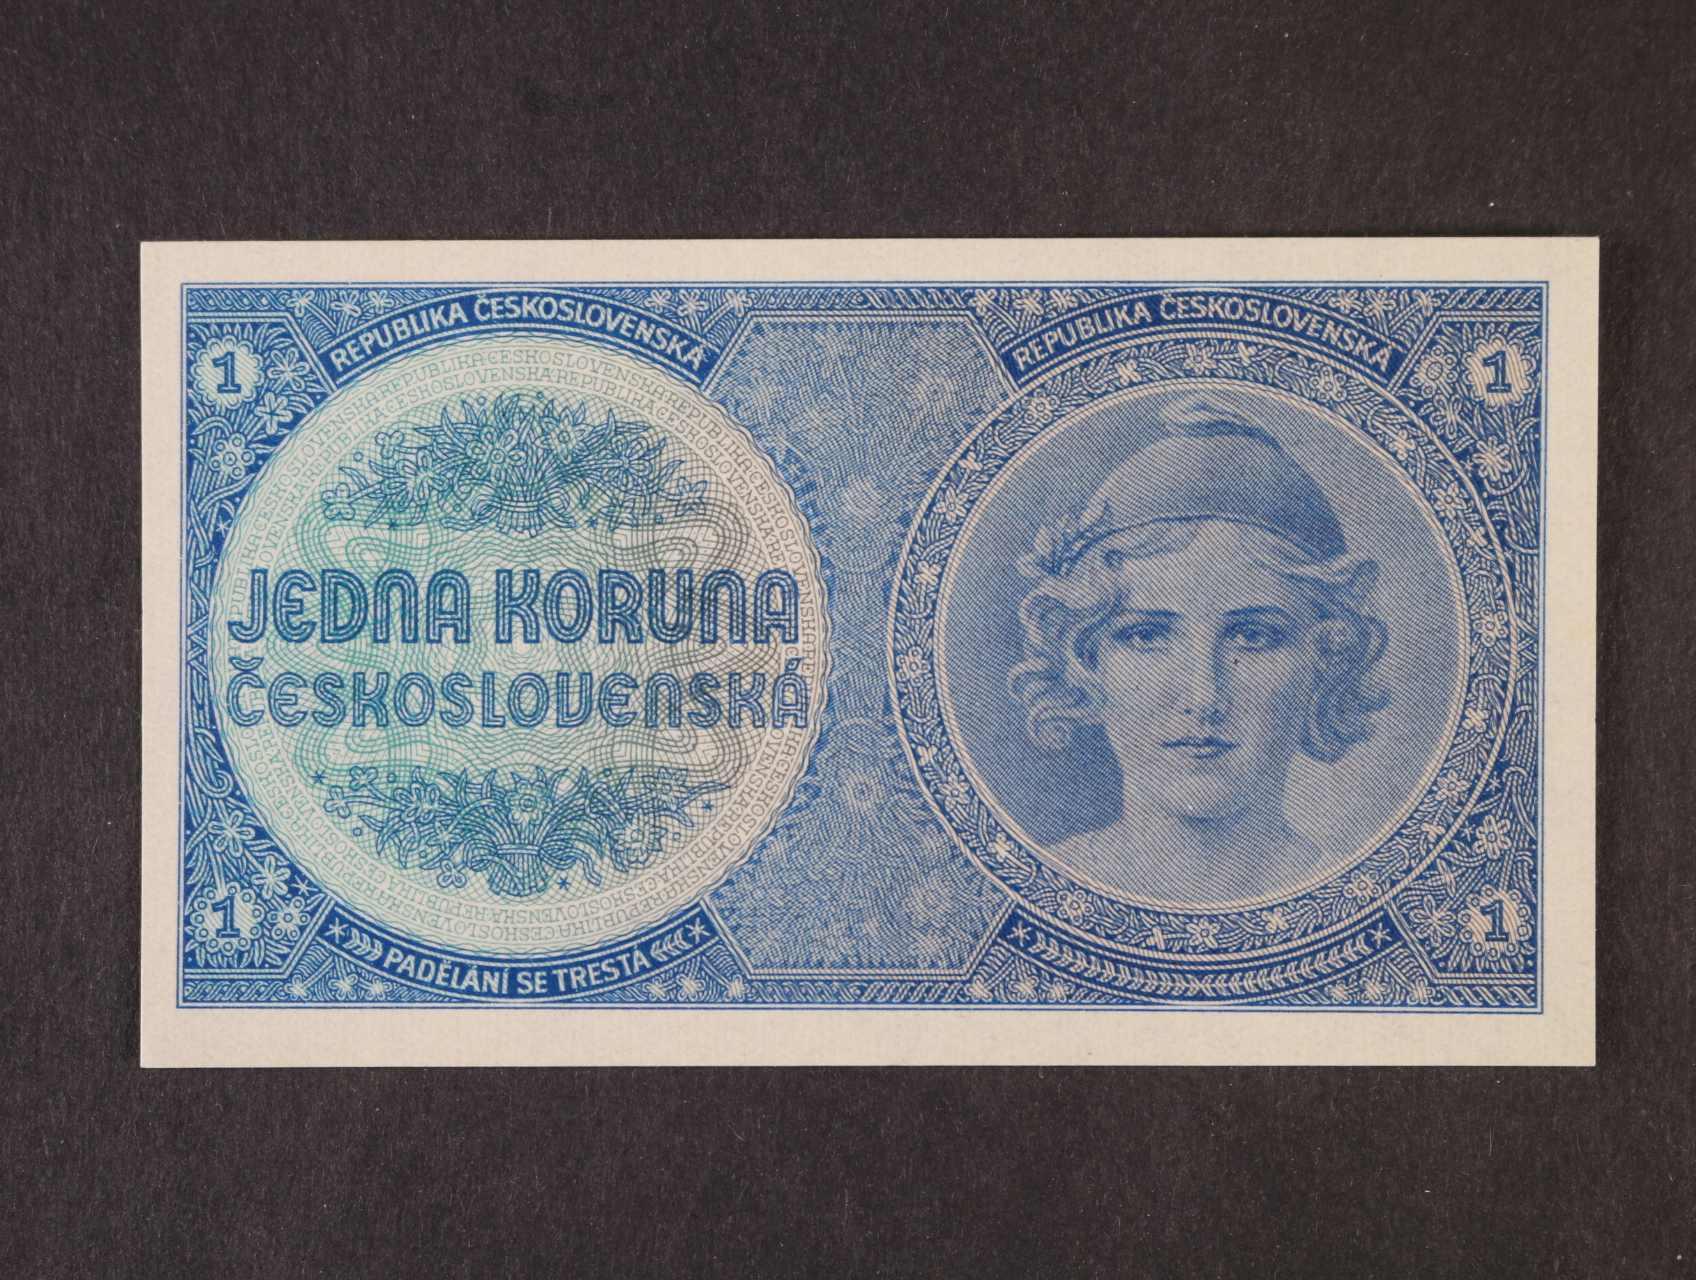 1 Kč 1938 série A 042 nevydaná, Ba. N1, Pi. 27